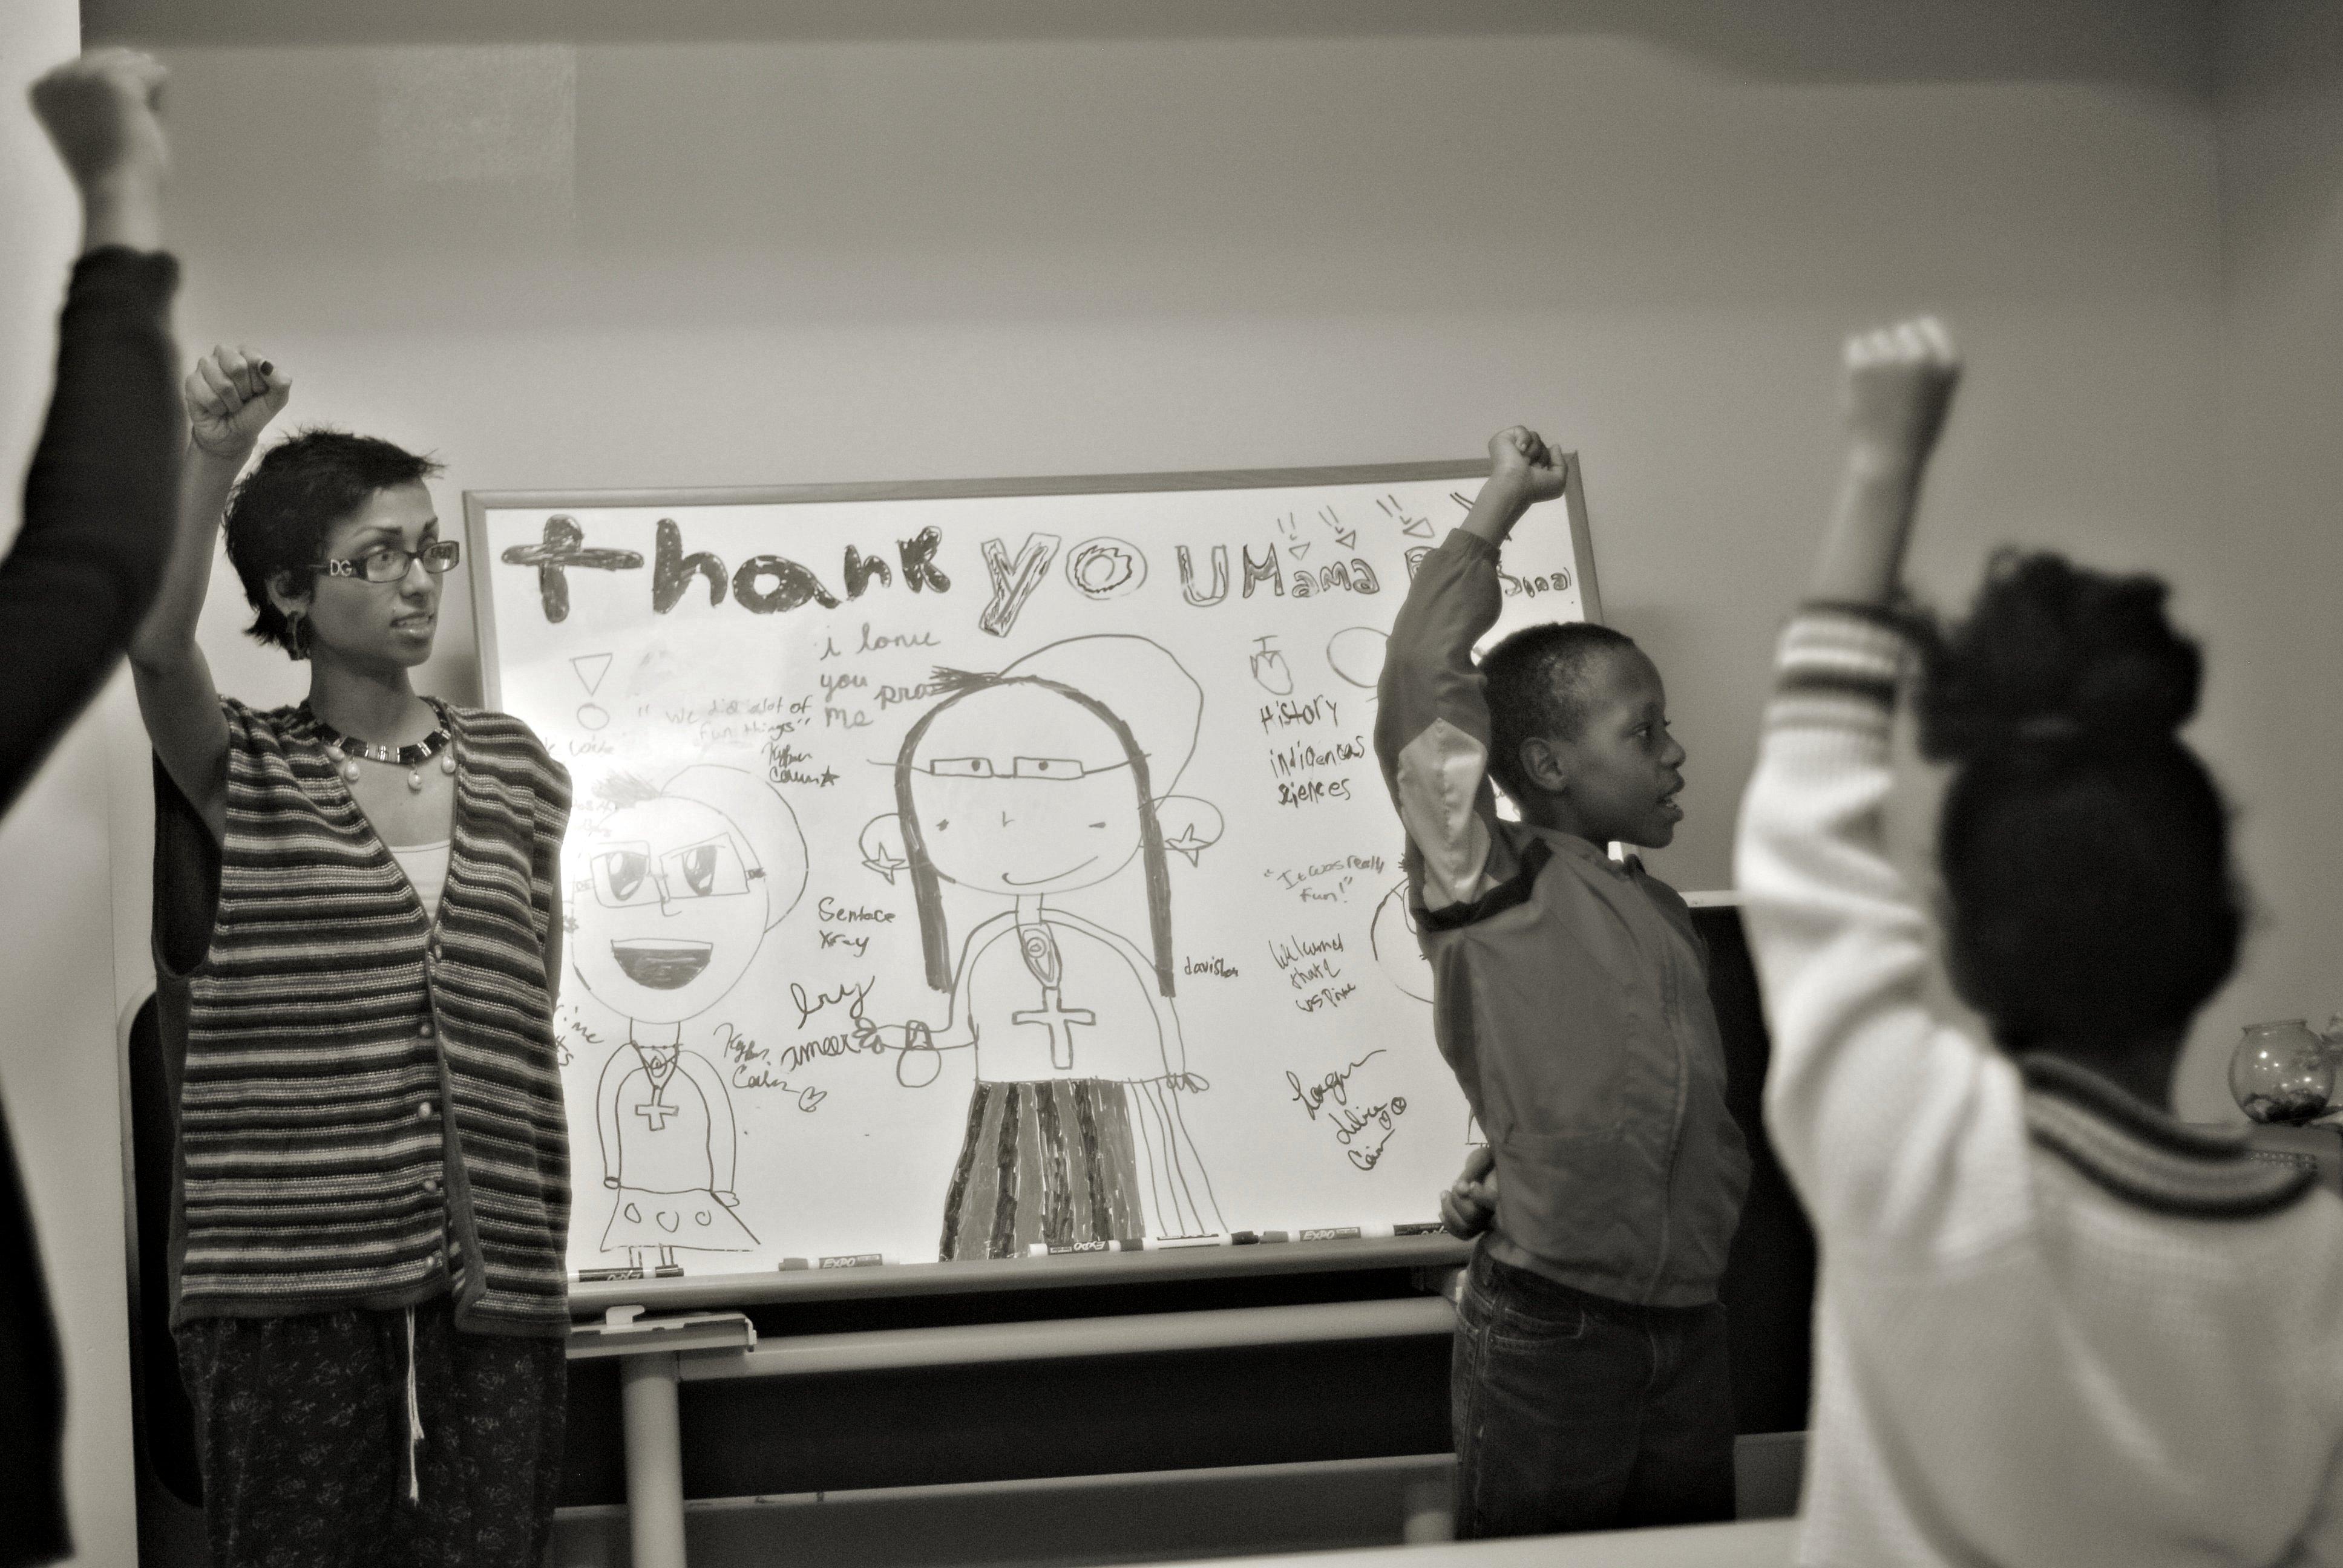 Our Class Pledge